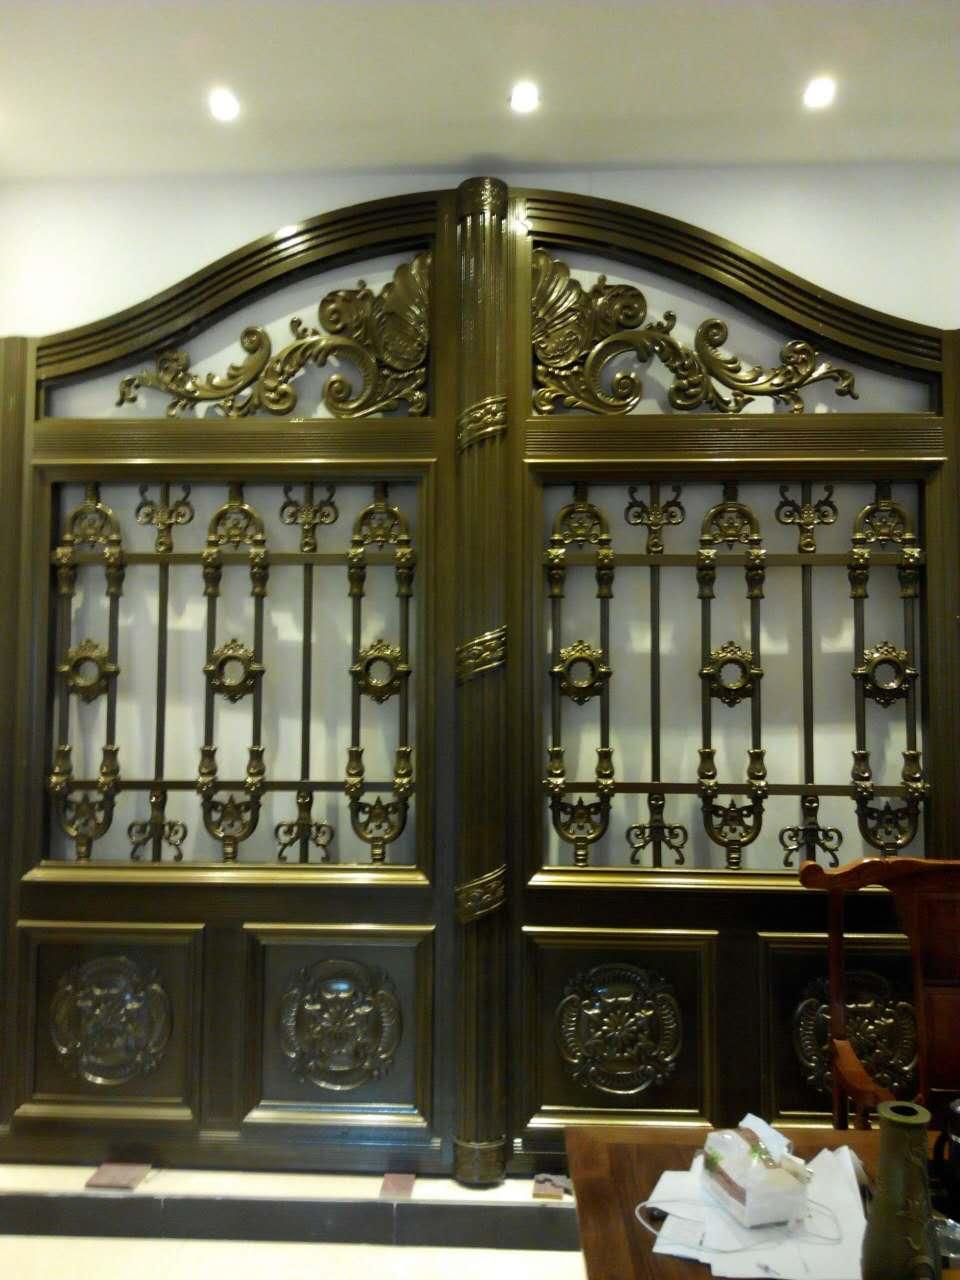 门头采用拱型设计与别墅建筑的弓型相得益彰,纯欧式   本产品链接